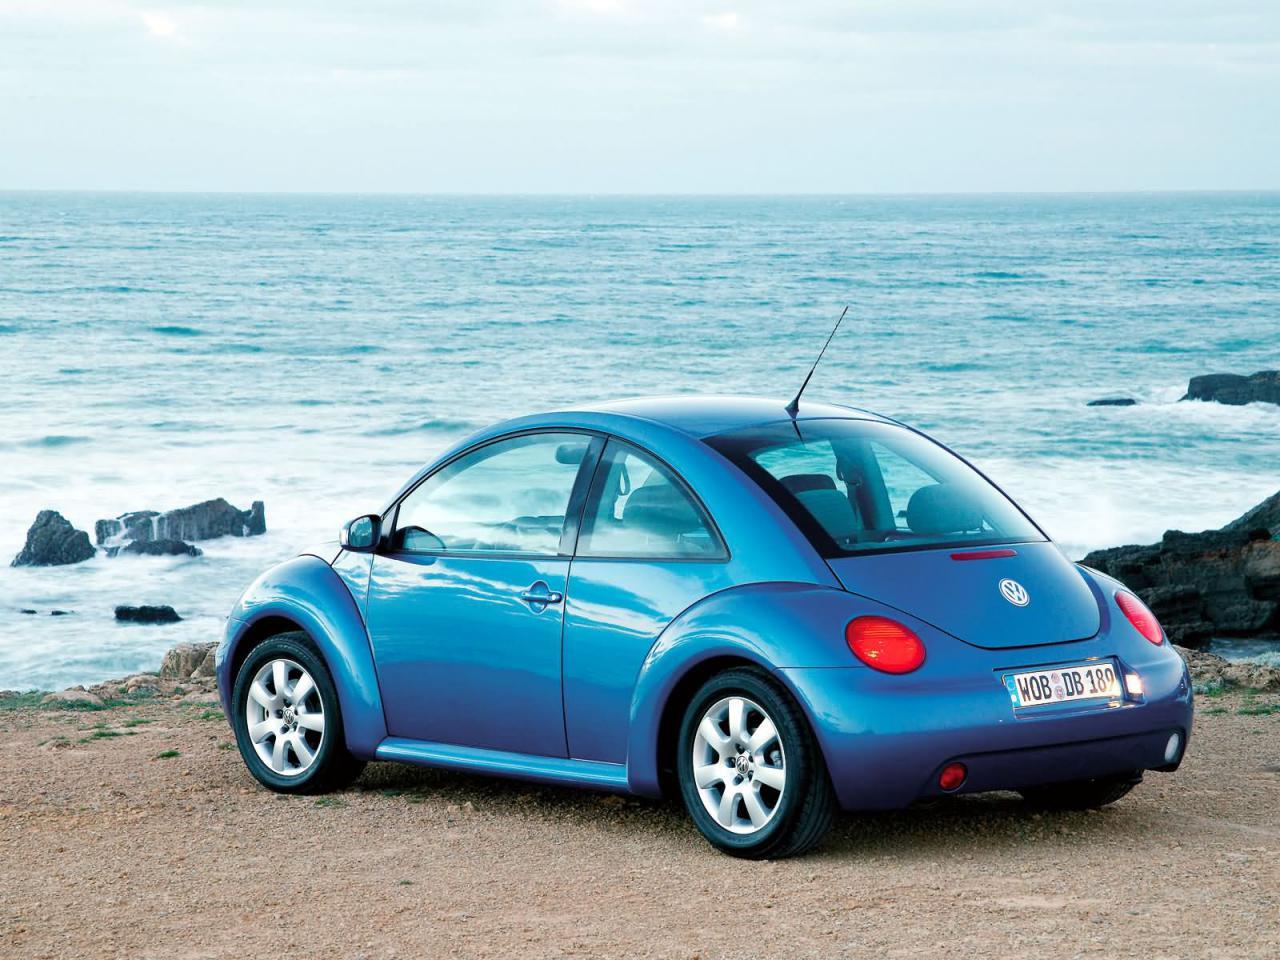 2003 VW Volkswagen New Beetle